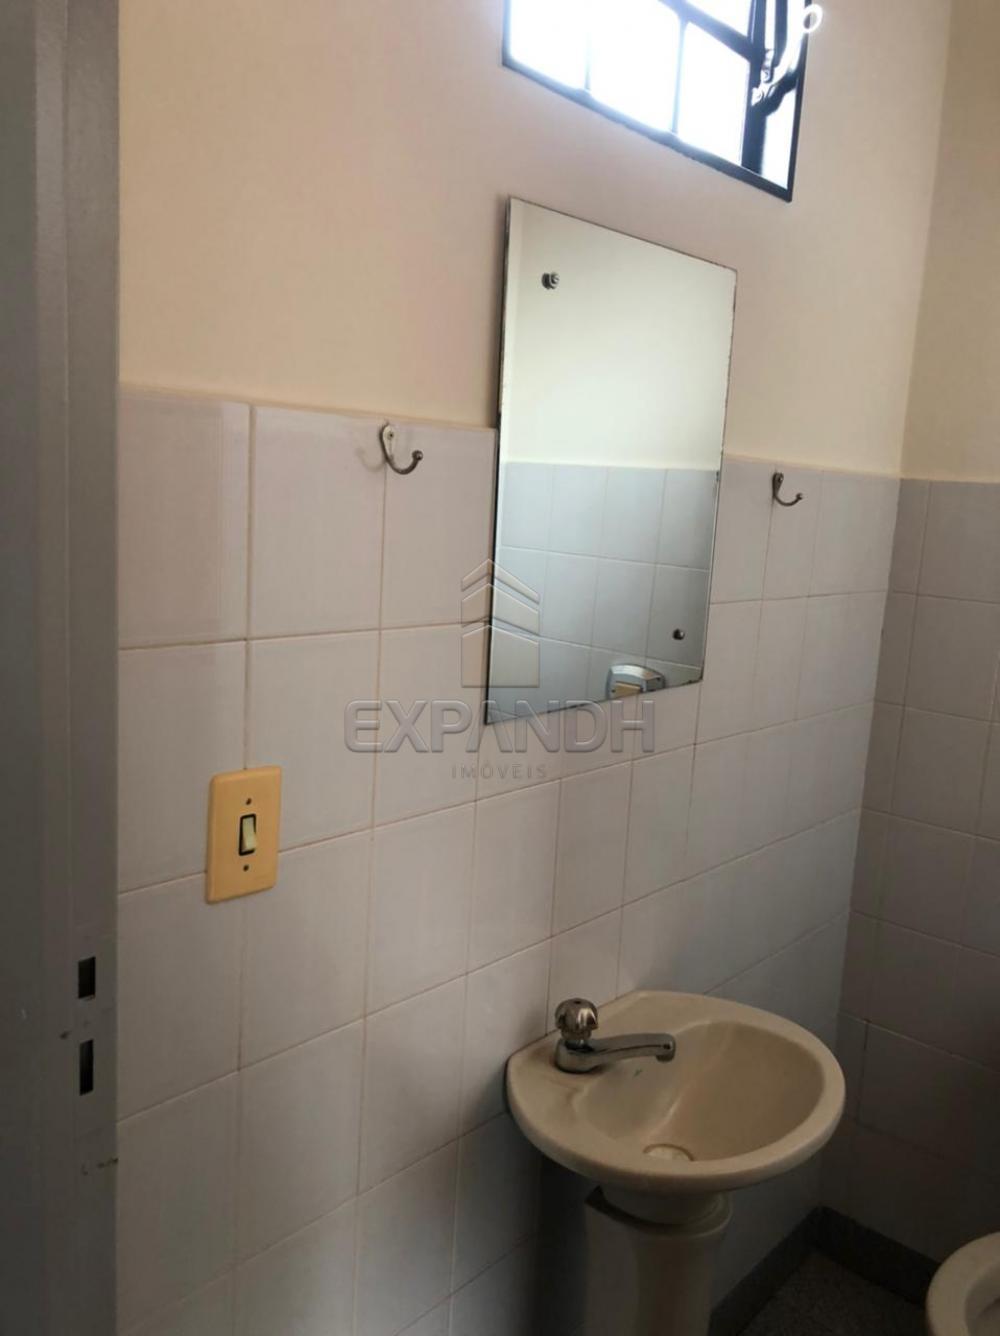 Alugar Comerciais / Sala em Sertãozinho R$ 800,00 - Foto 4